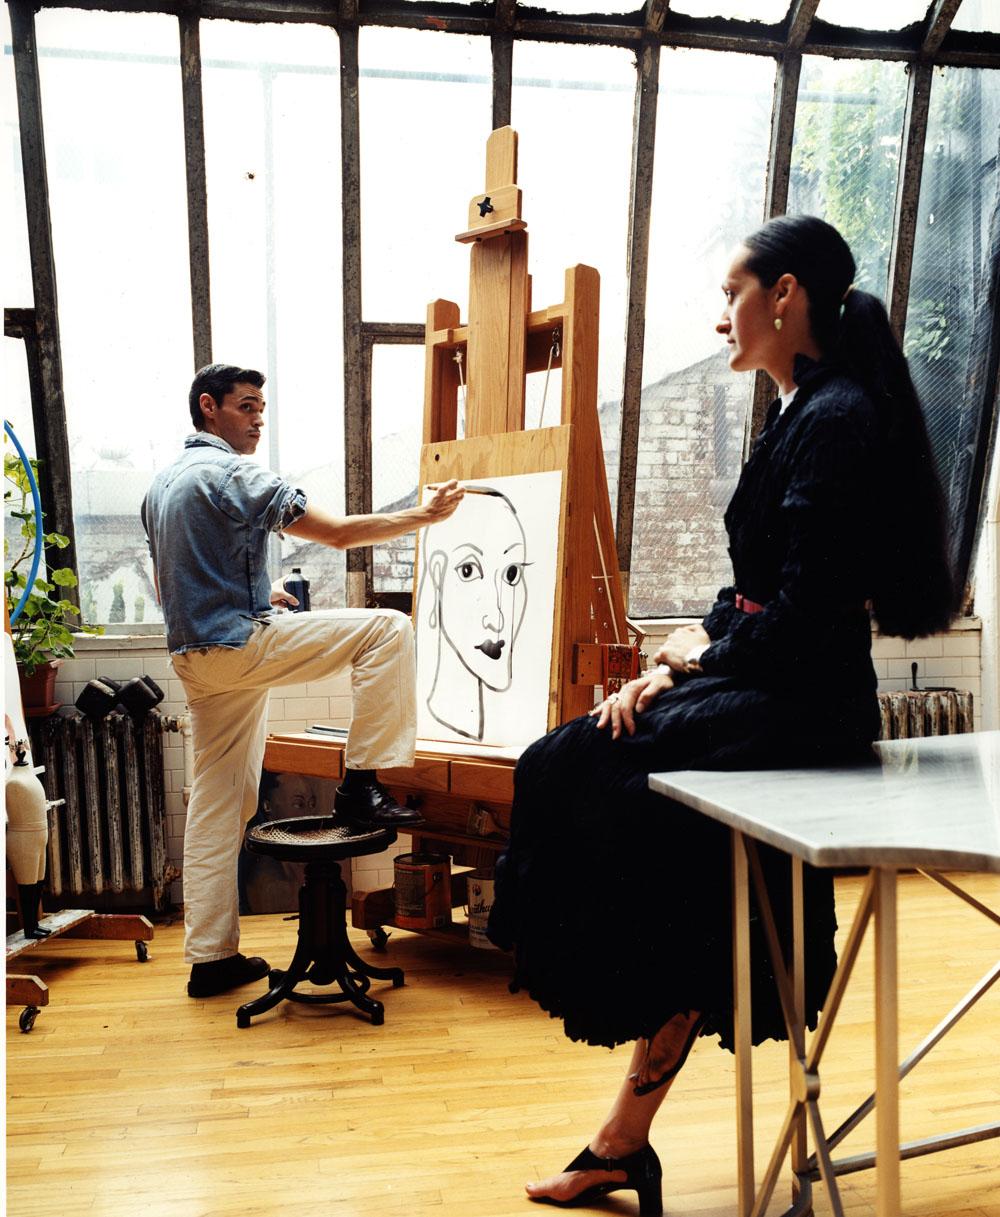 """Ruben Toledo, para quien su esposa Isabel fue siempre fuente de inspiración y motivo de su obra, aquí, en su estudio de arte de Nueva York. """"Lo importante es el impulso creativo, la chispa que prende el fuego"""", dijo la diseñadora. (Foto Suministrada)"""